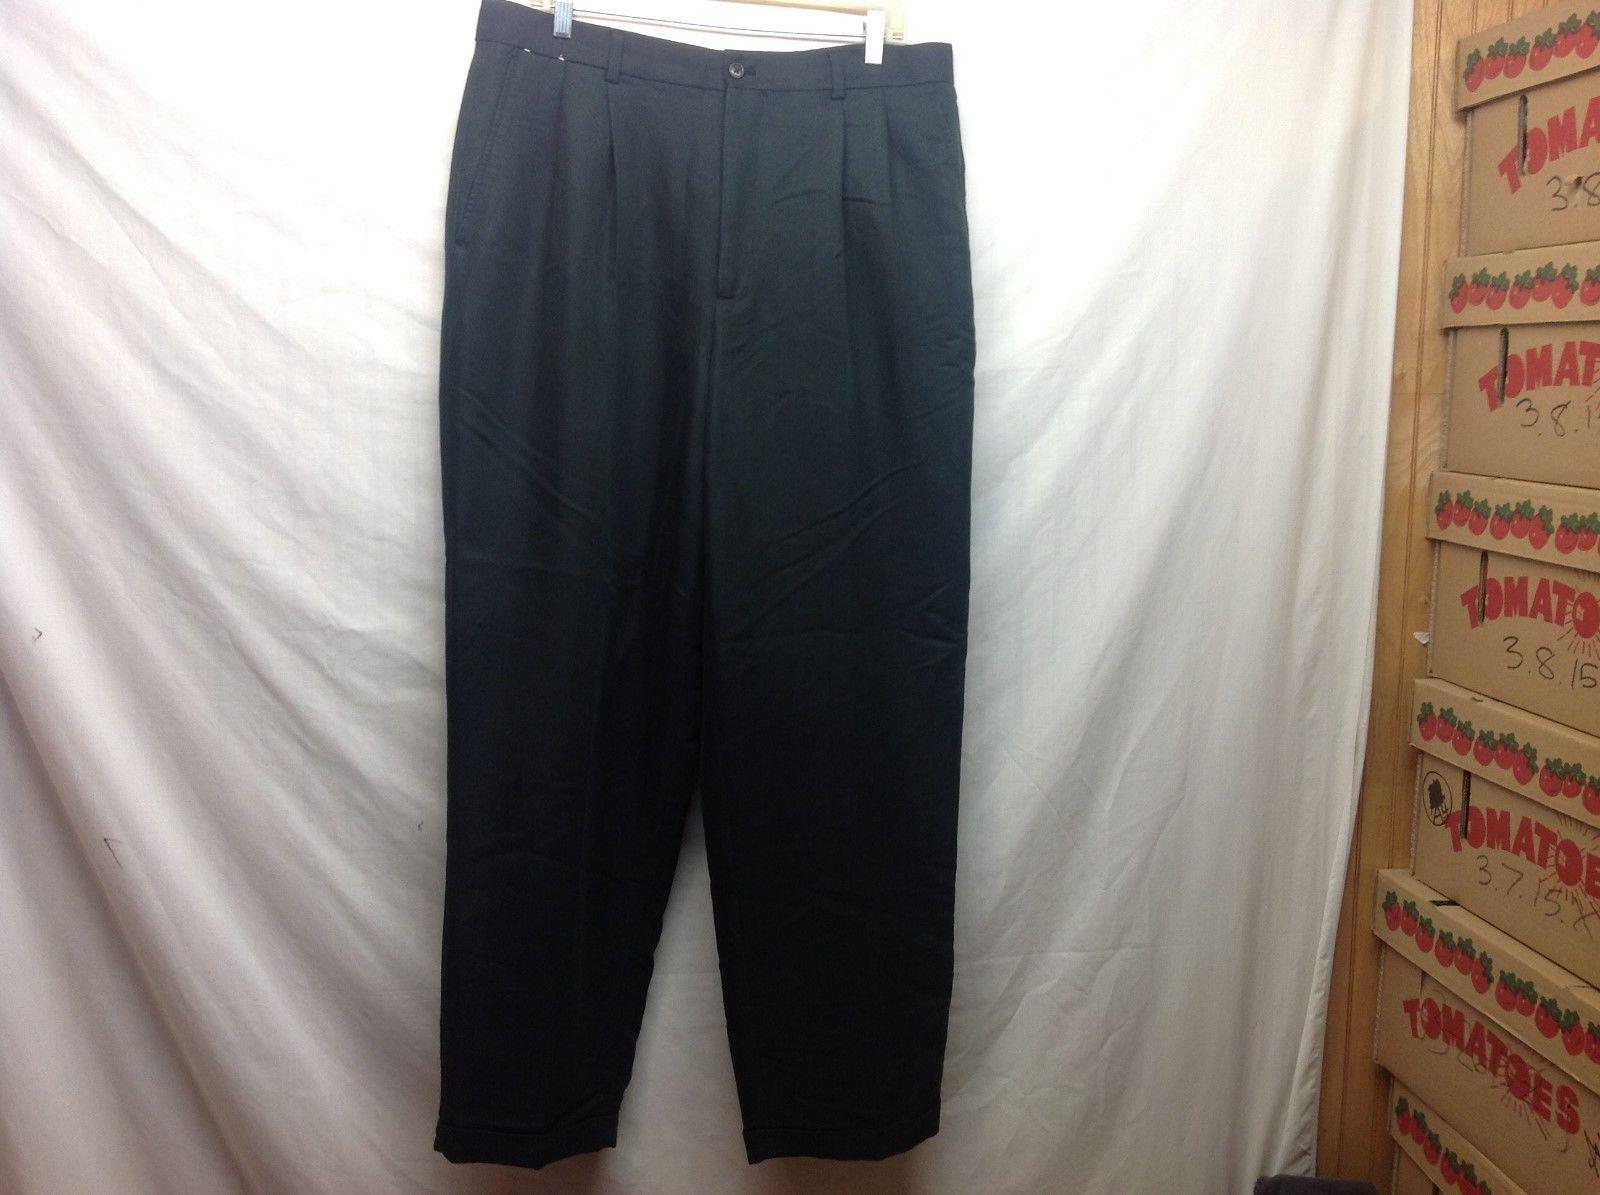 Crazy Horse Men's Cuffed Black Pants Sz 36/32